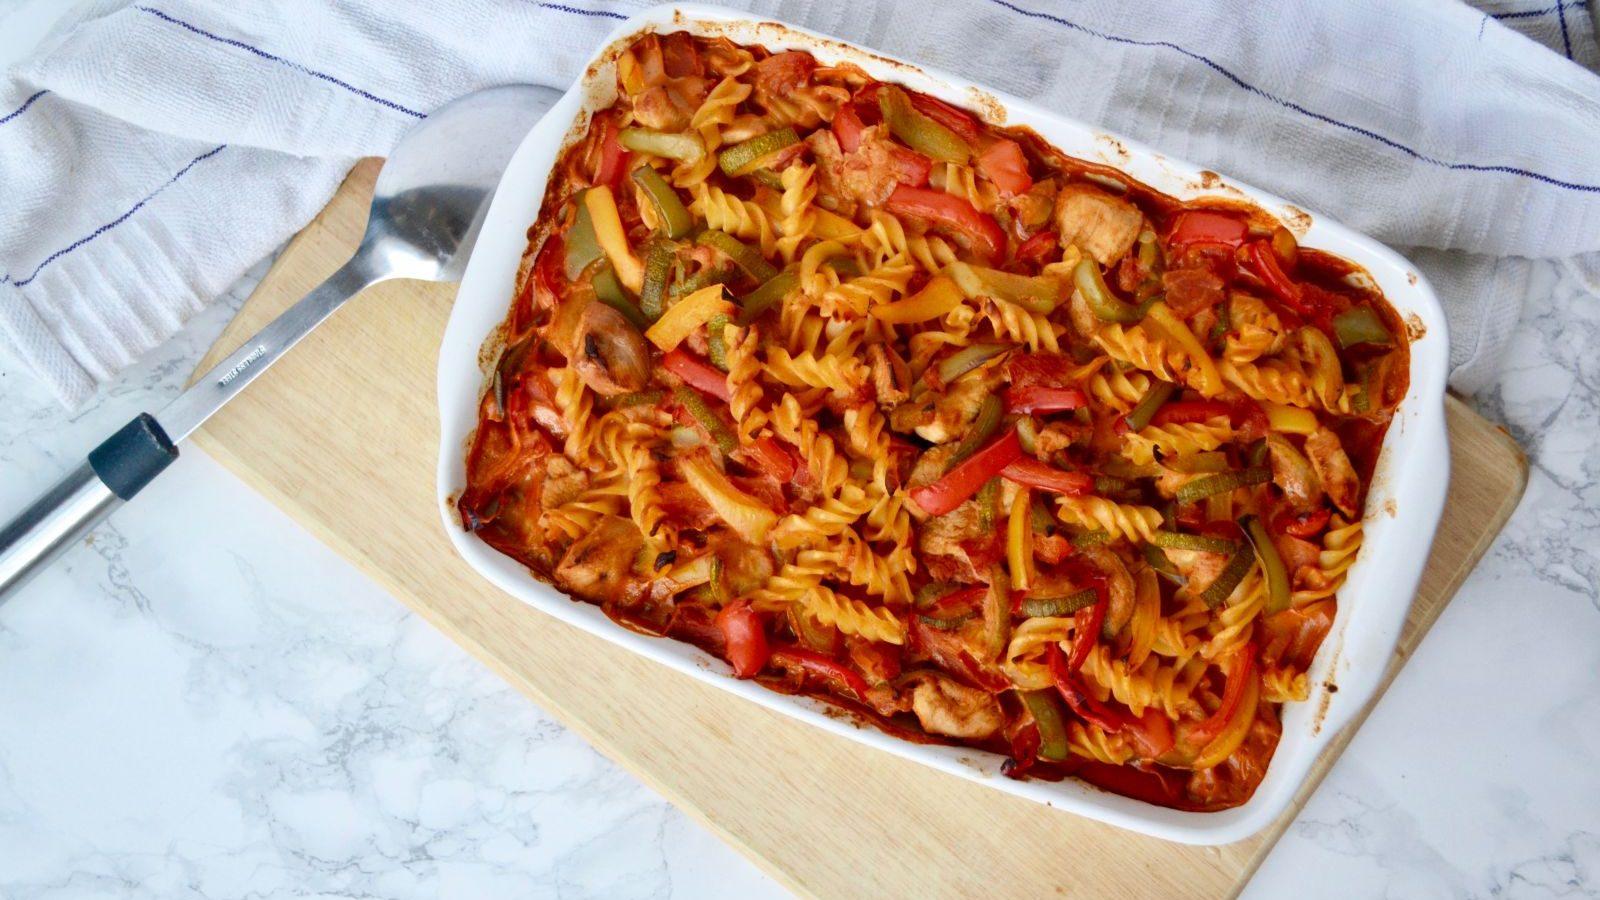 Recipe: Fajita Chicken Pasta Bake